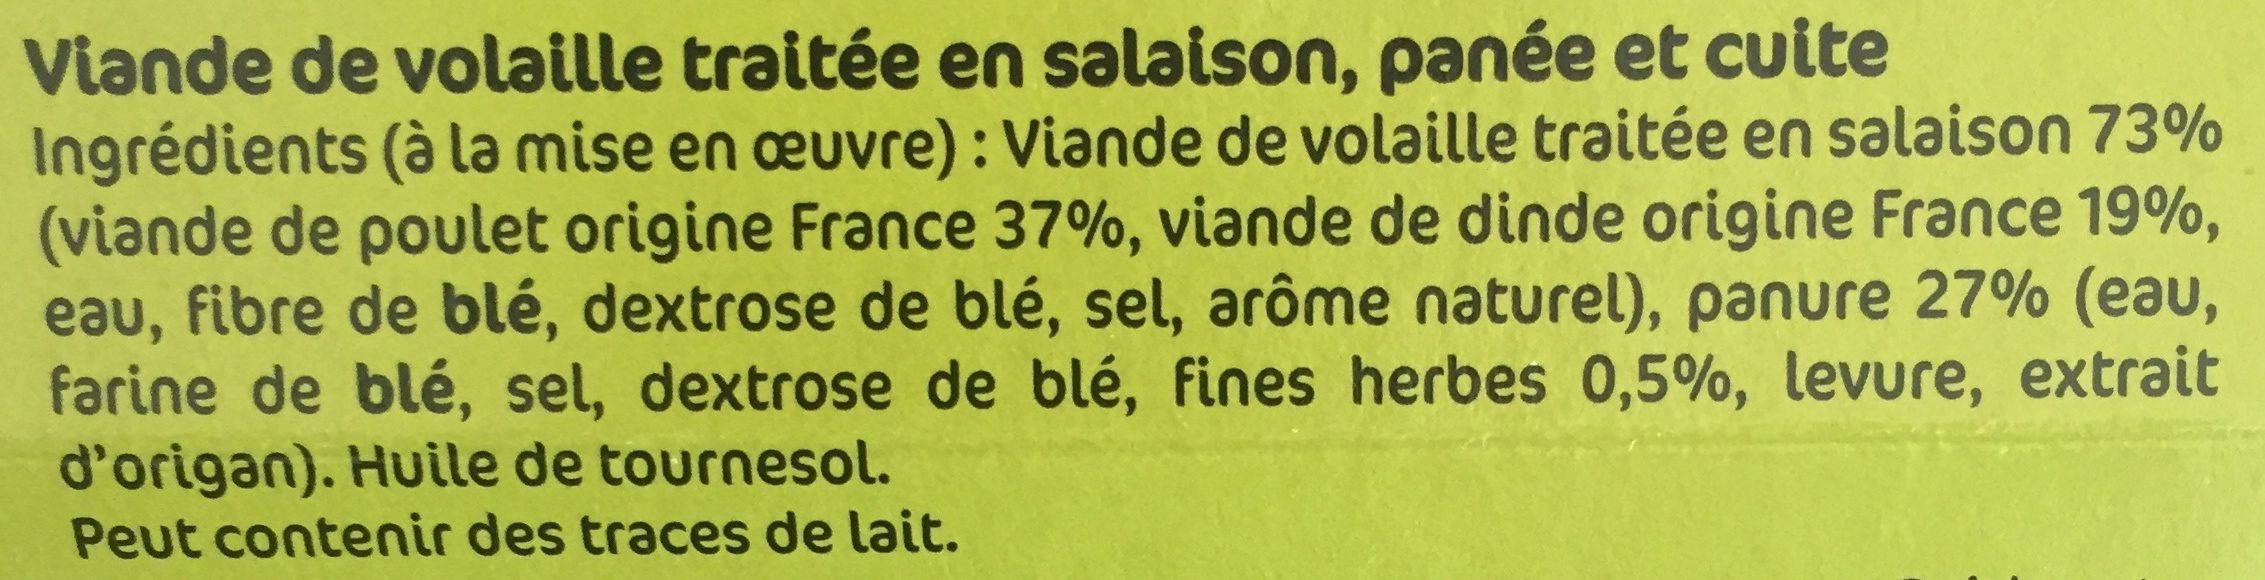 panés milanaise fines herbes s/at x2 - Ingrédients - fr